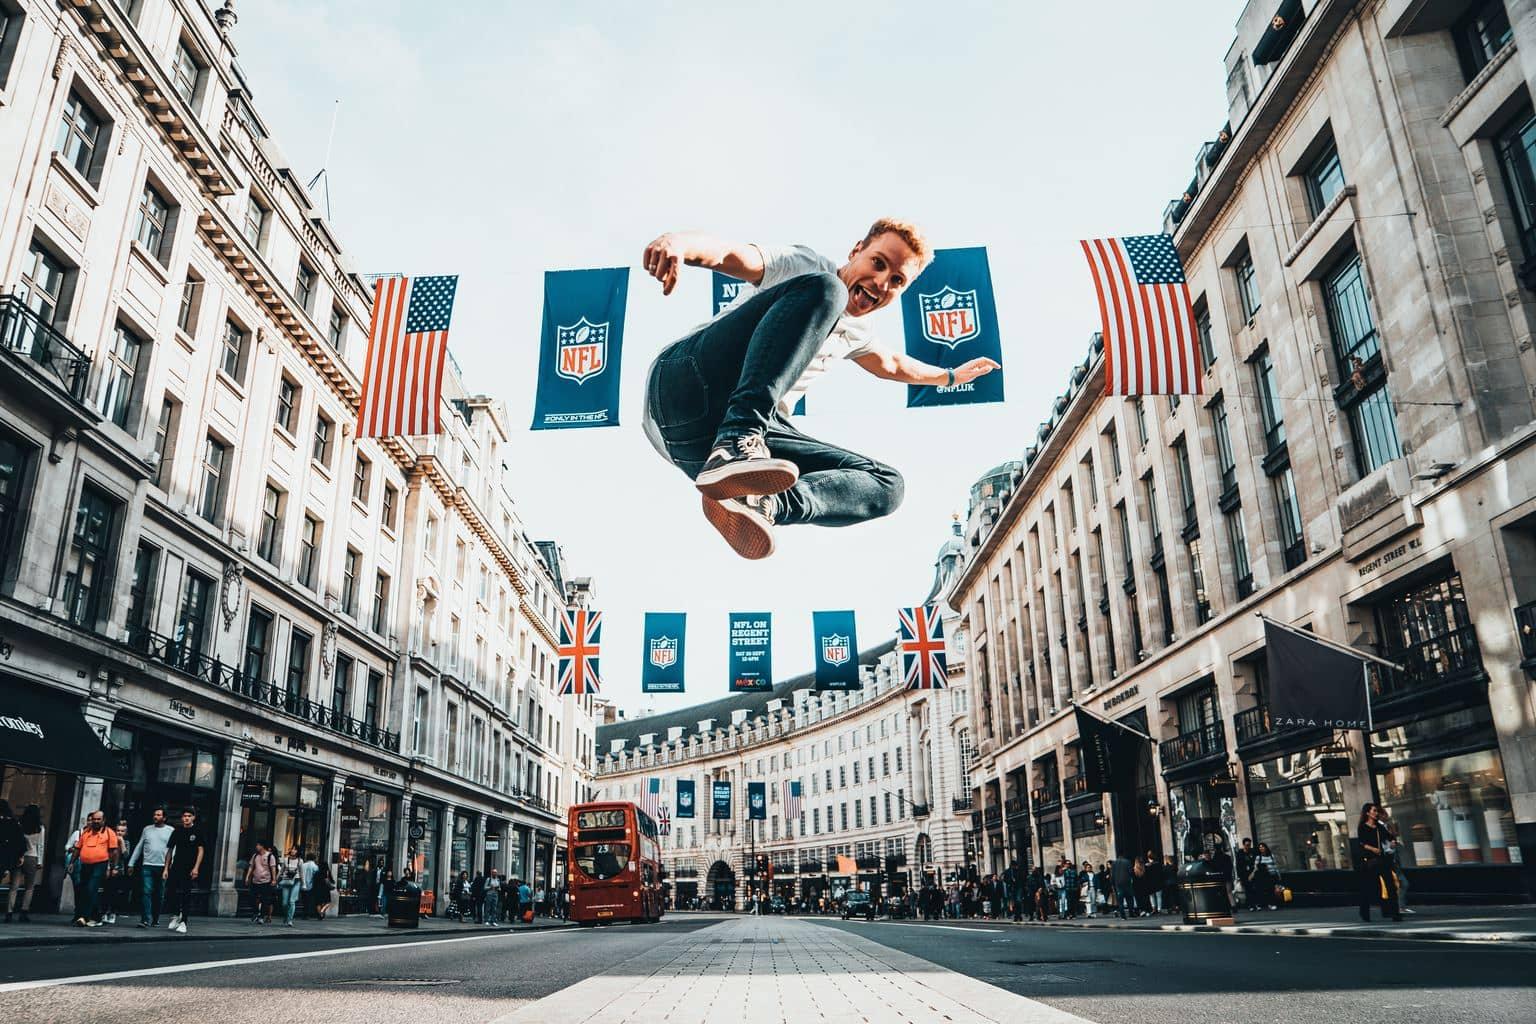 Fotografía de un chico saltando en una calle